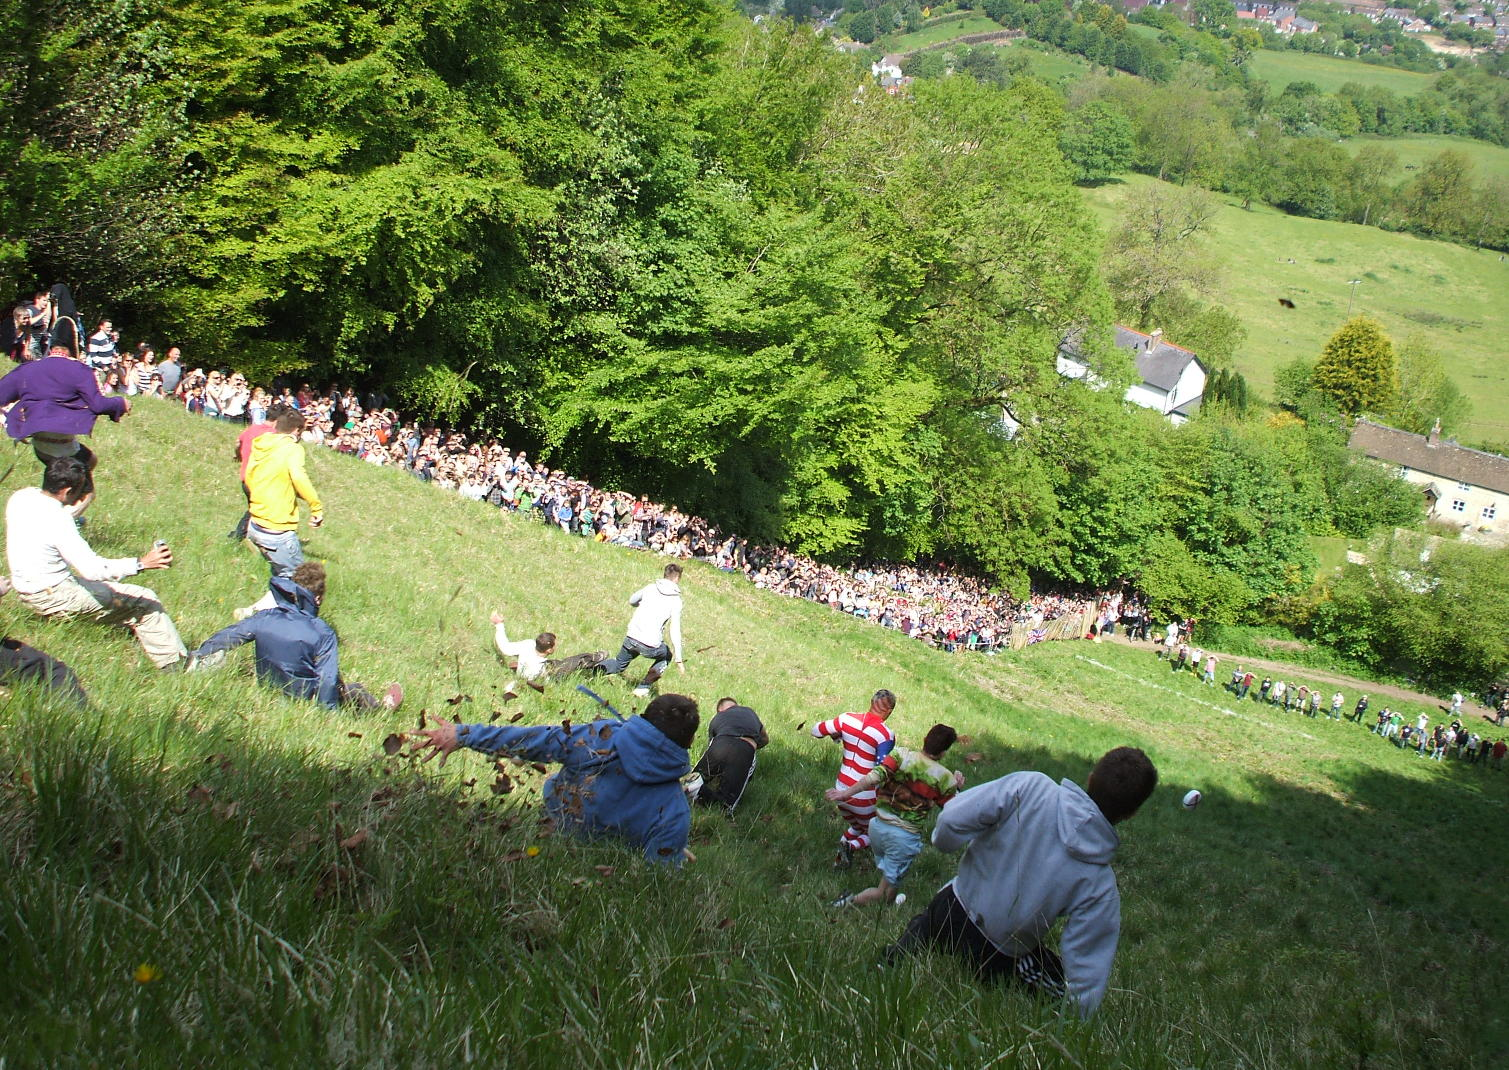 fiestas del mundo Participantes corriendo detrás del queso en el festival de Cooper's Hill.